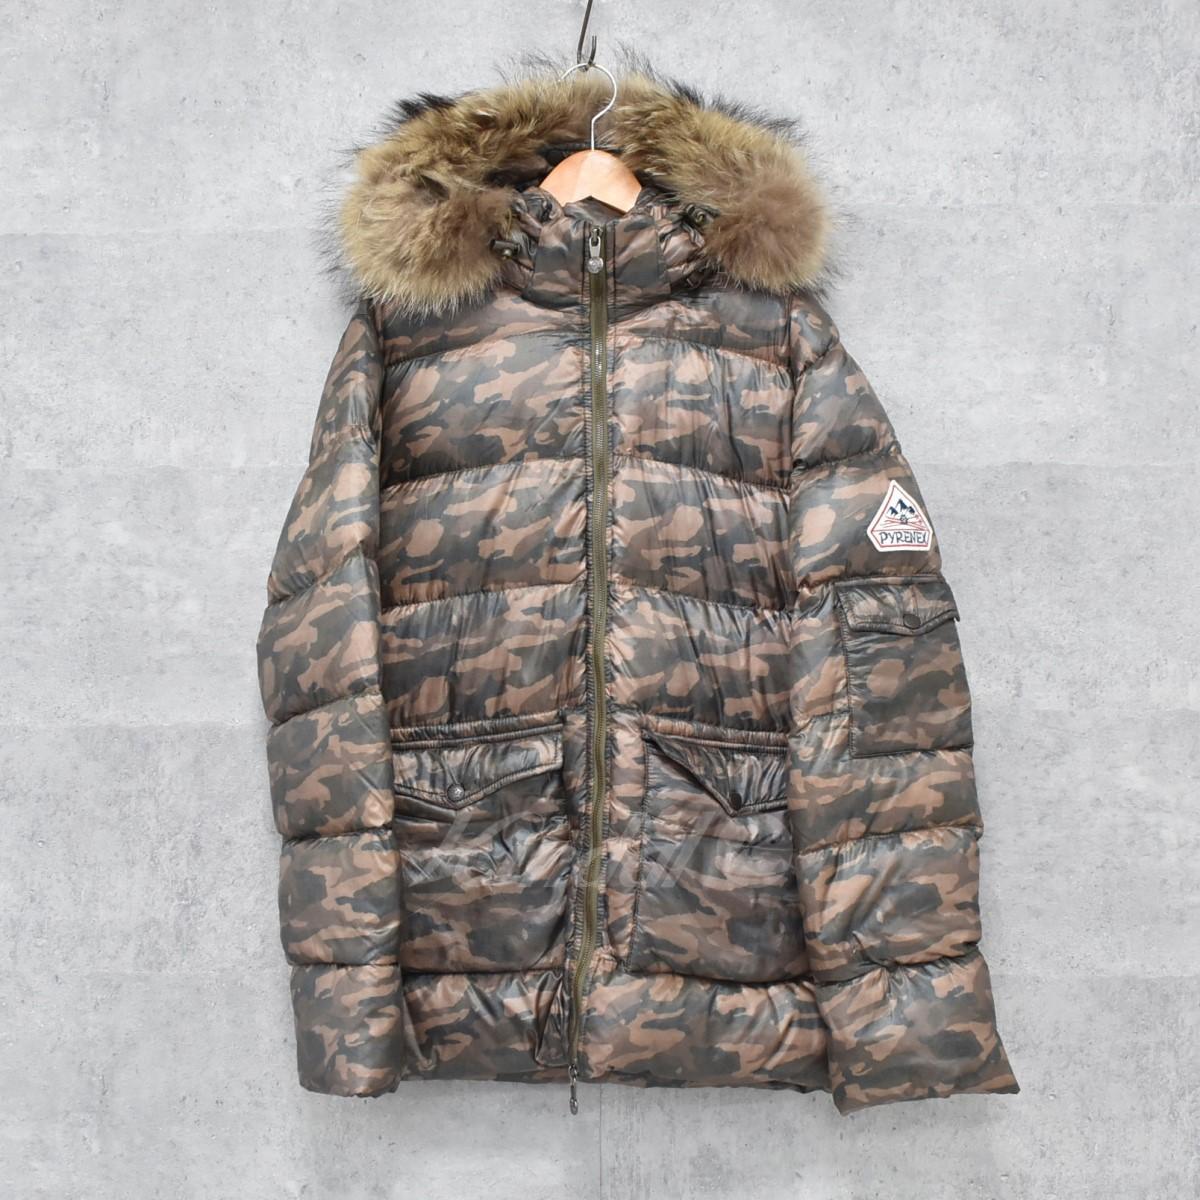 【中古】PYRENEX カモフラダウンジャケット Authentic Jacket 【送料無料】 【096518】 【KIND1550】